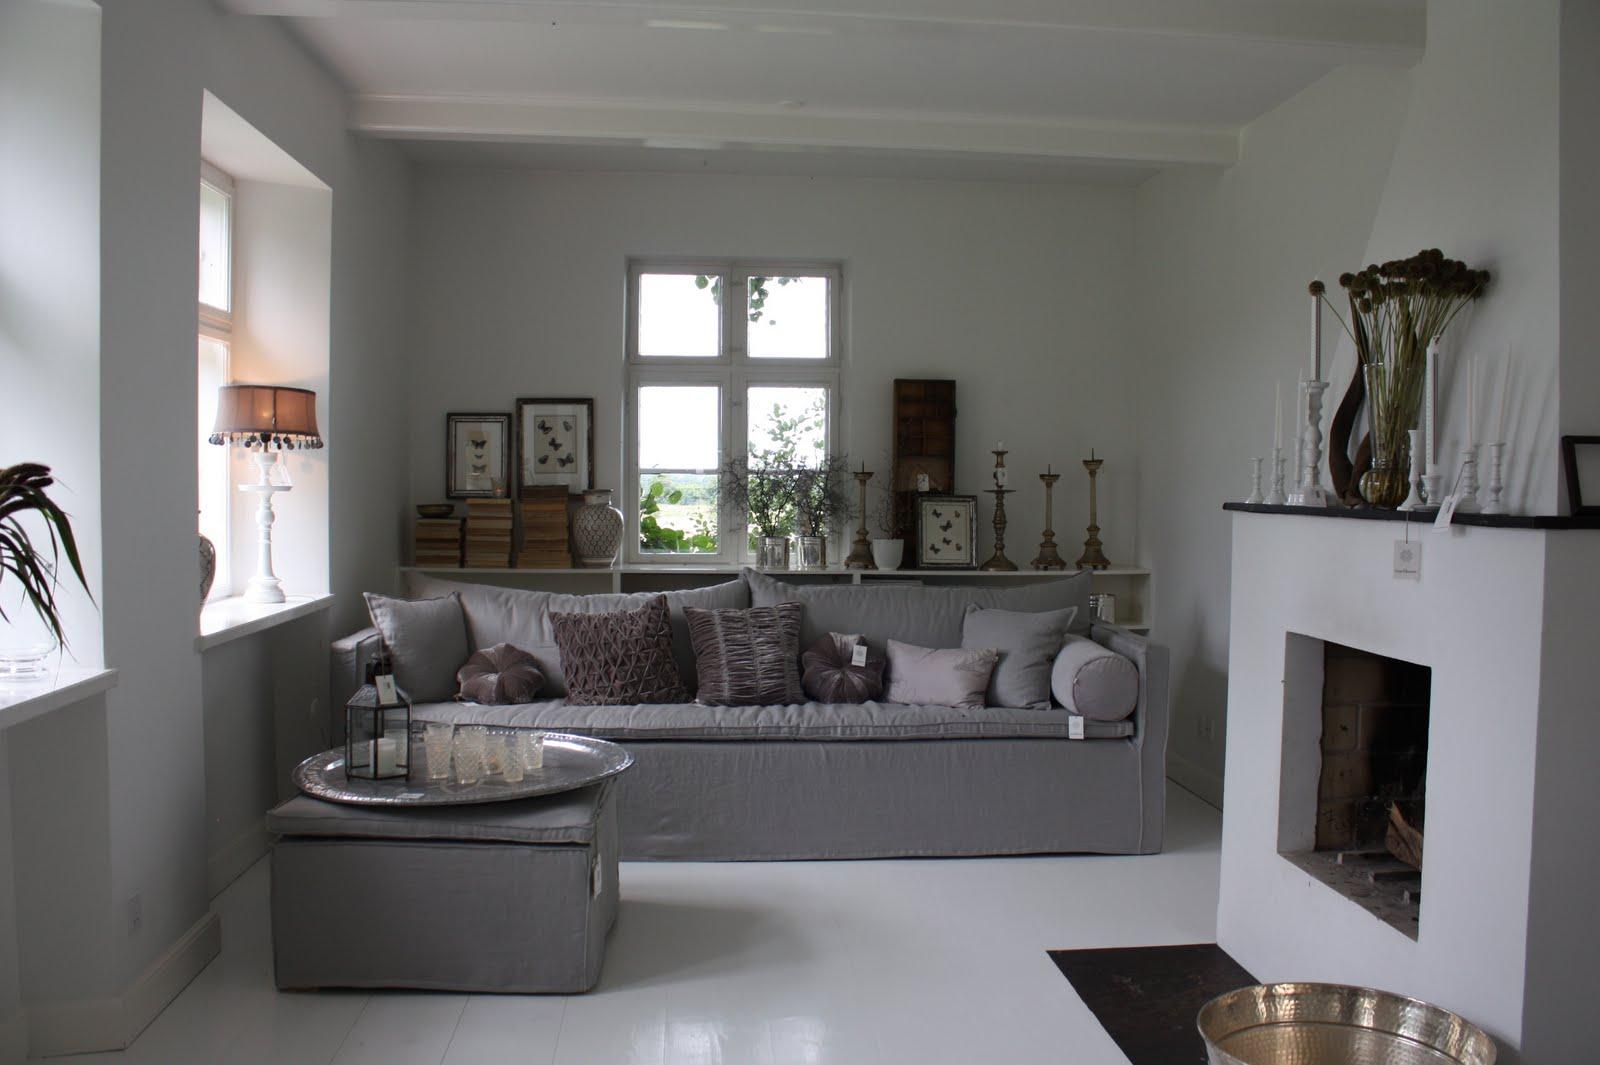 home sweet home bara lskar tine k stilen. Black Bedroom Furniture Sets. Home Design Ideas